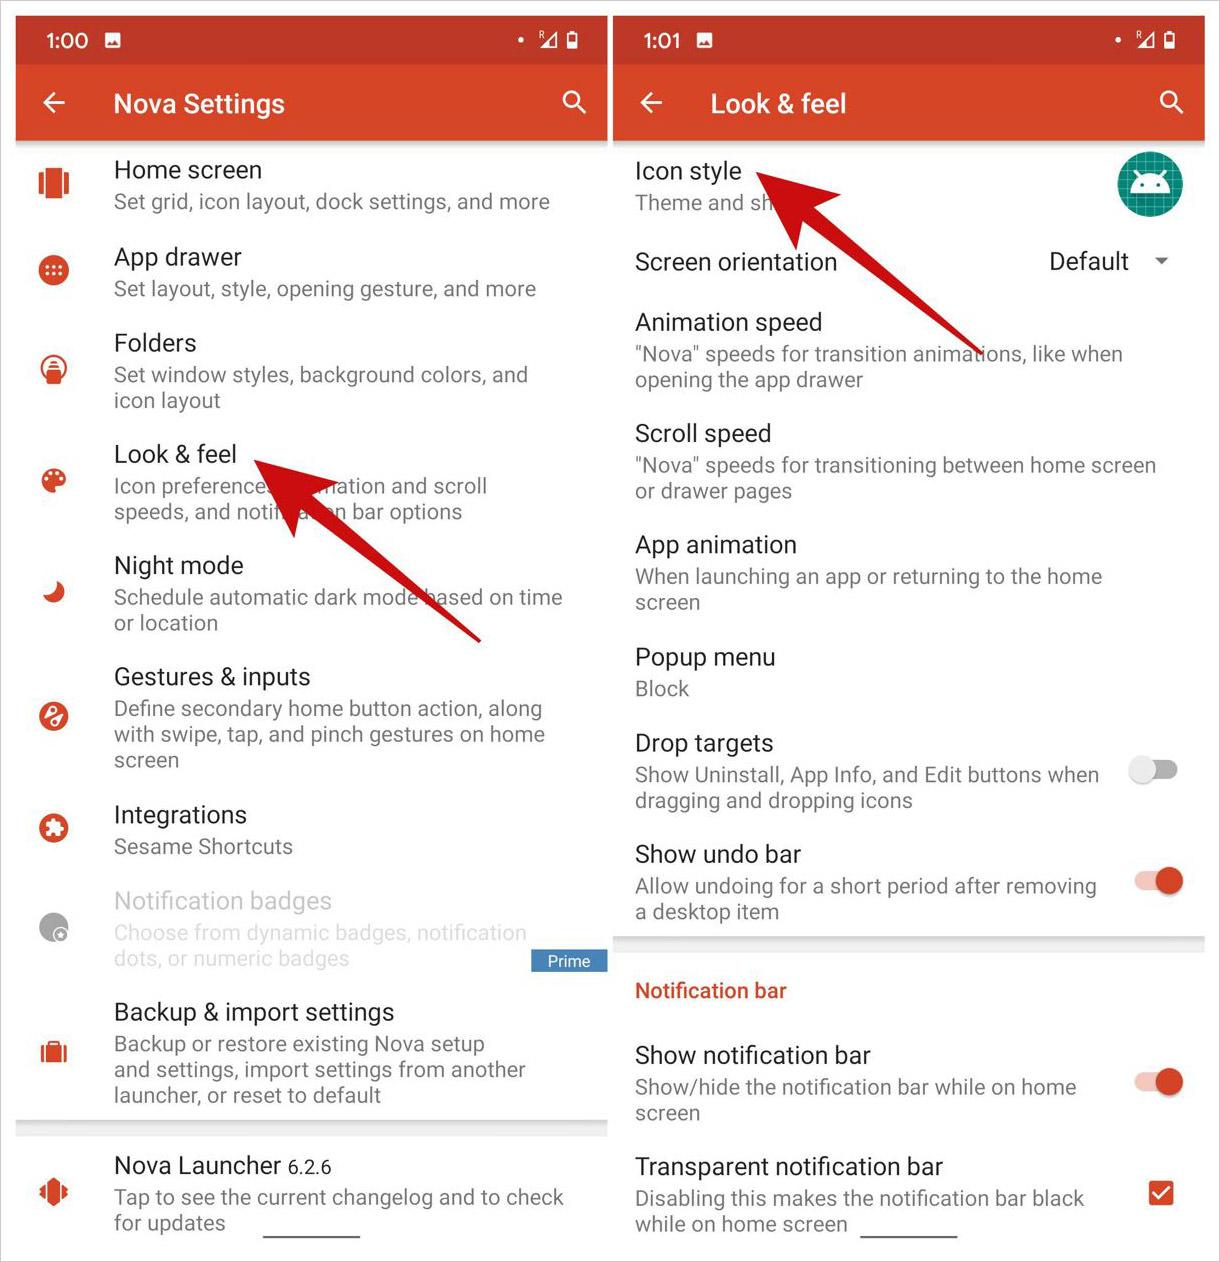 Open icon style settings in Nova Launcher